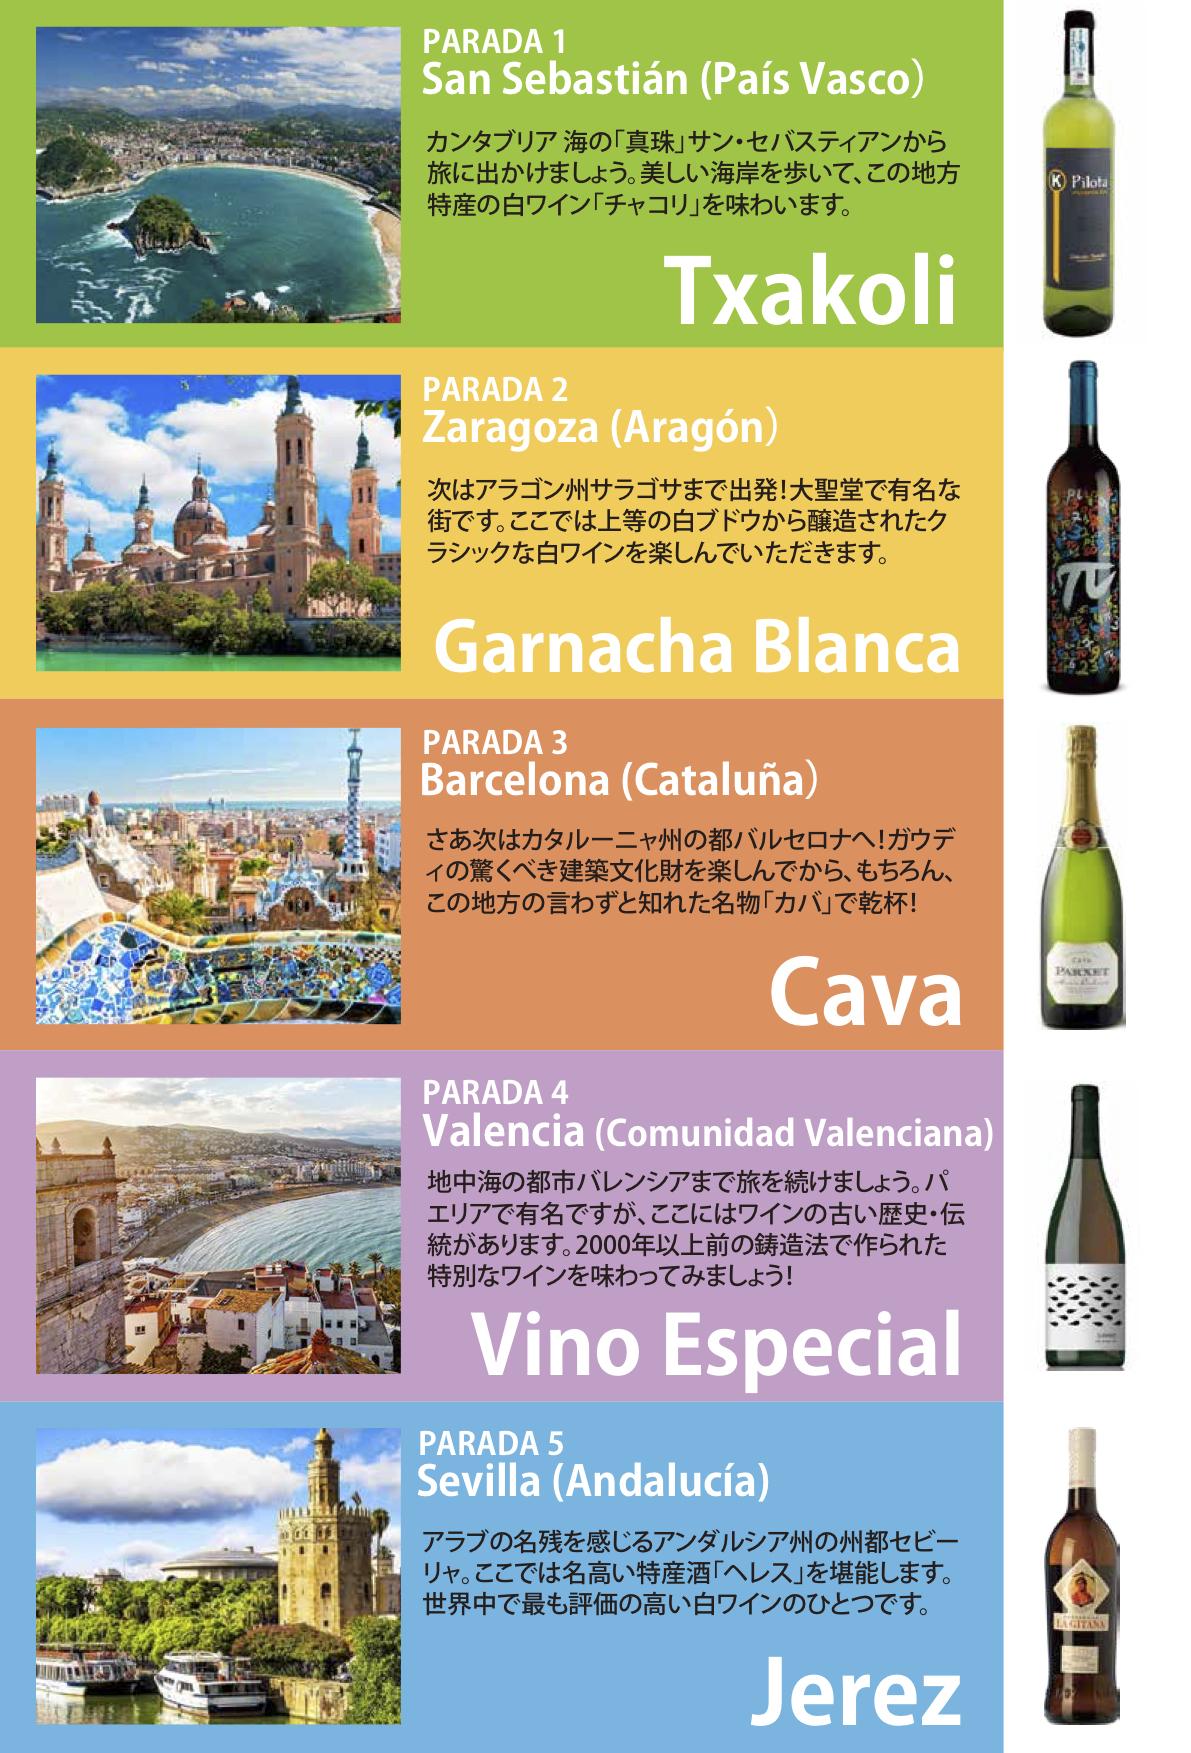 スペインの白ワイン5種を楽しむ「Club de Vinos」